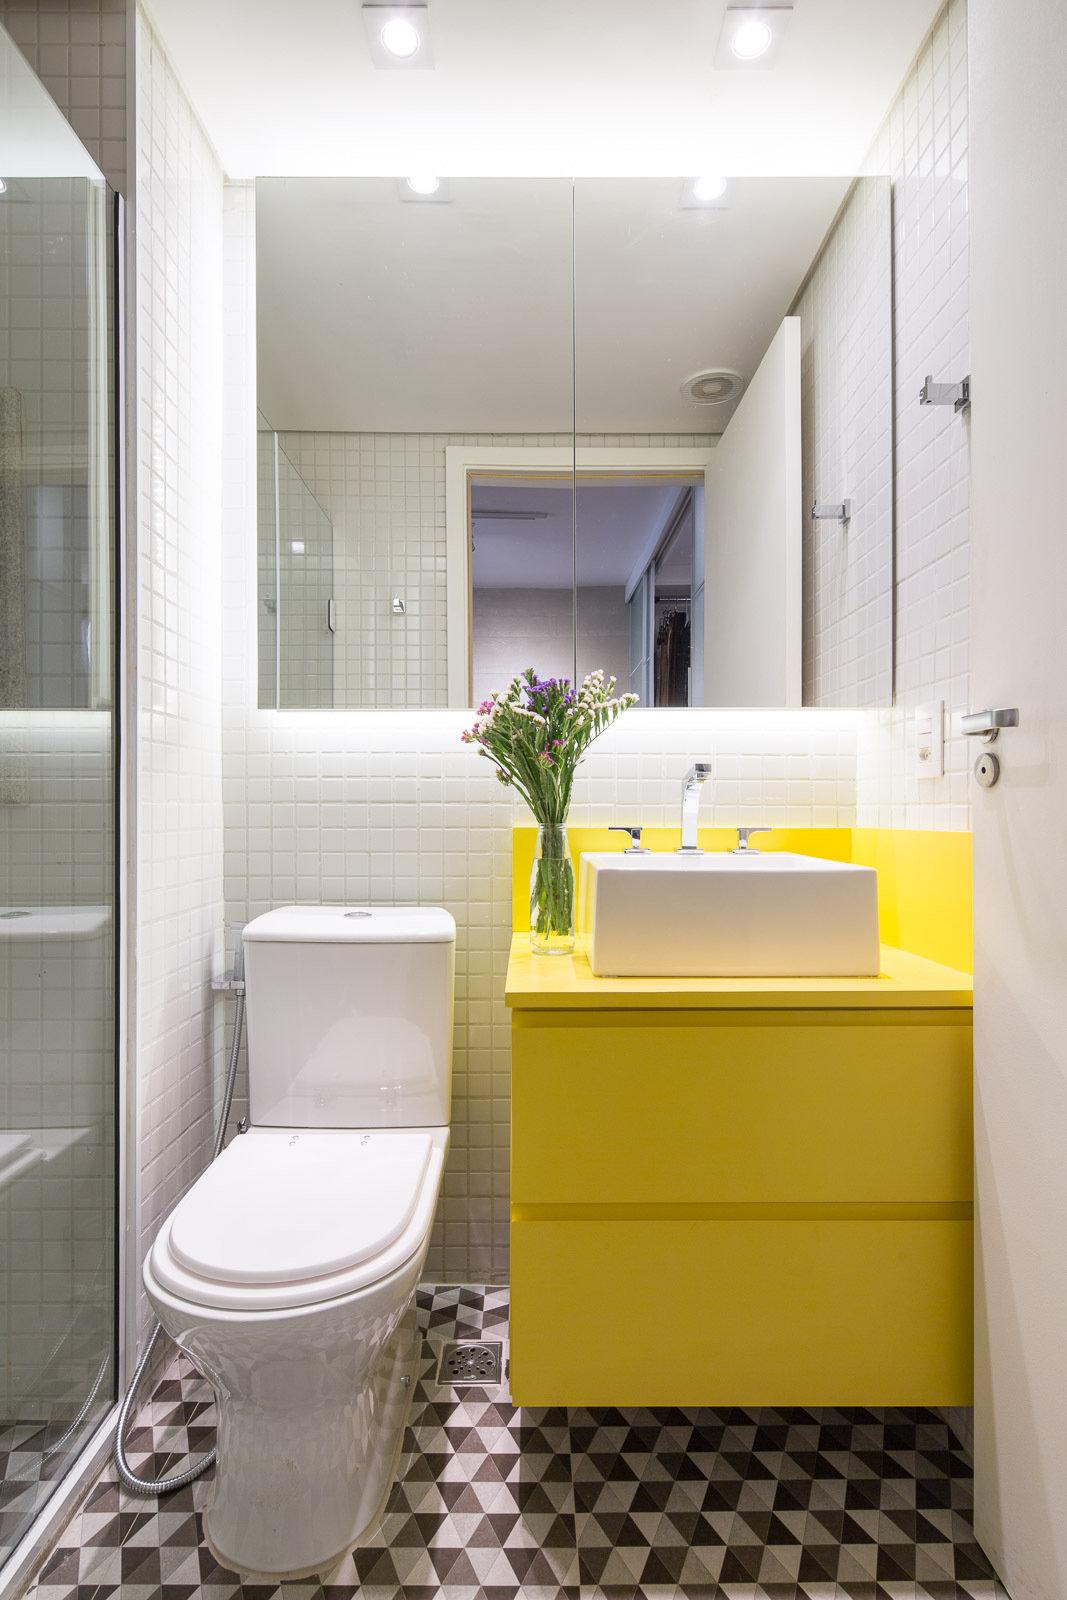 Ванная комната дизайн модная плитка 2018 для маленькой ванны